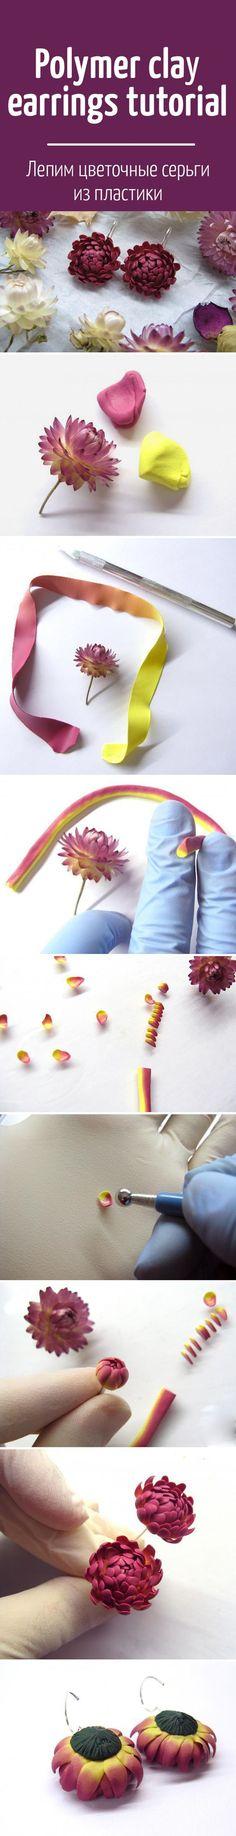 Создаем серьги с бессмертником: лепим цветочное украшение из полимерной глины / Polymer clay earrings tutorial: